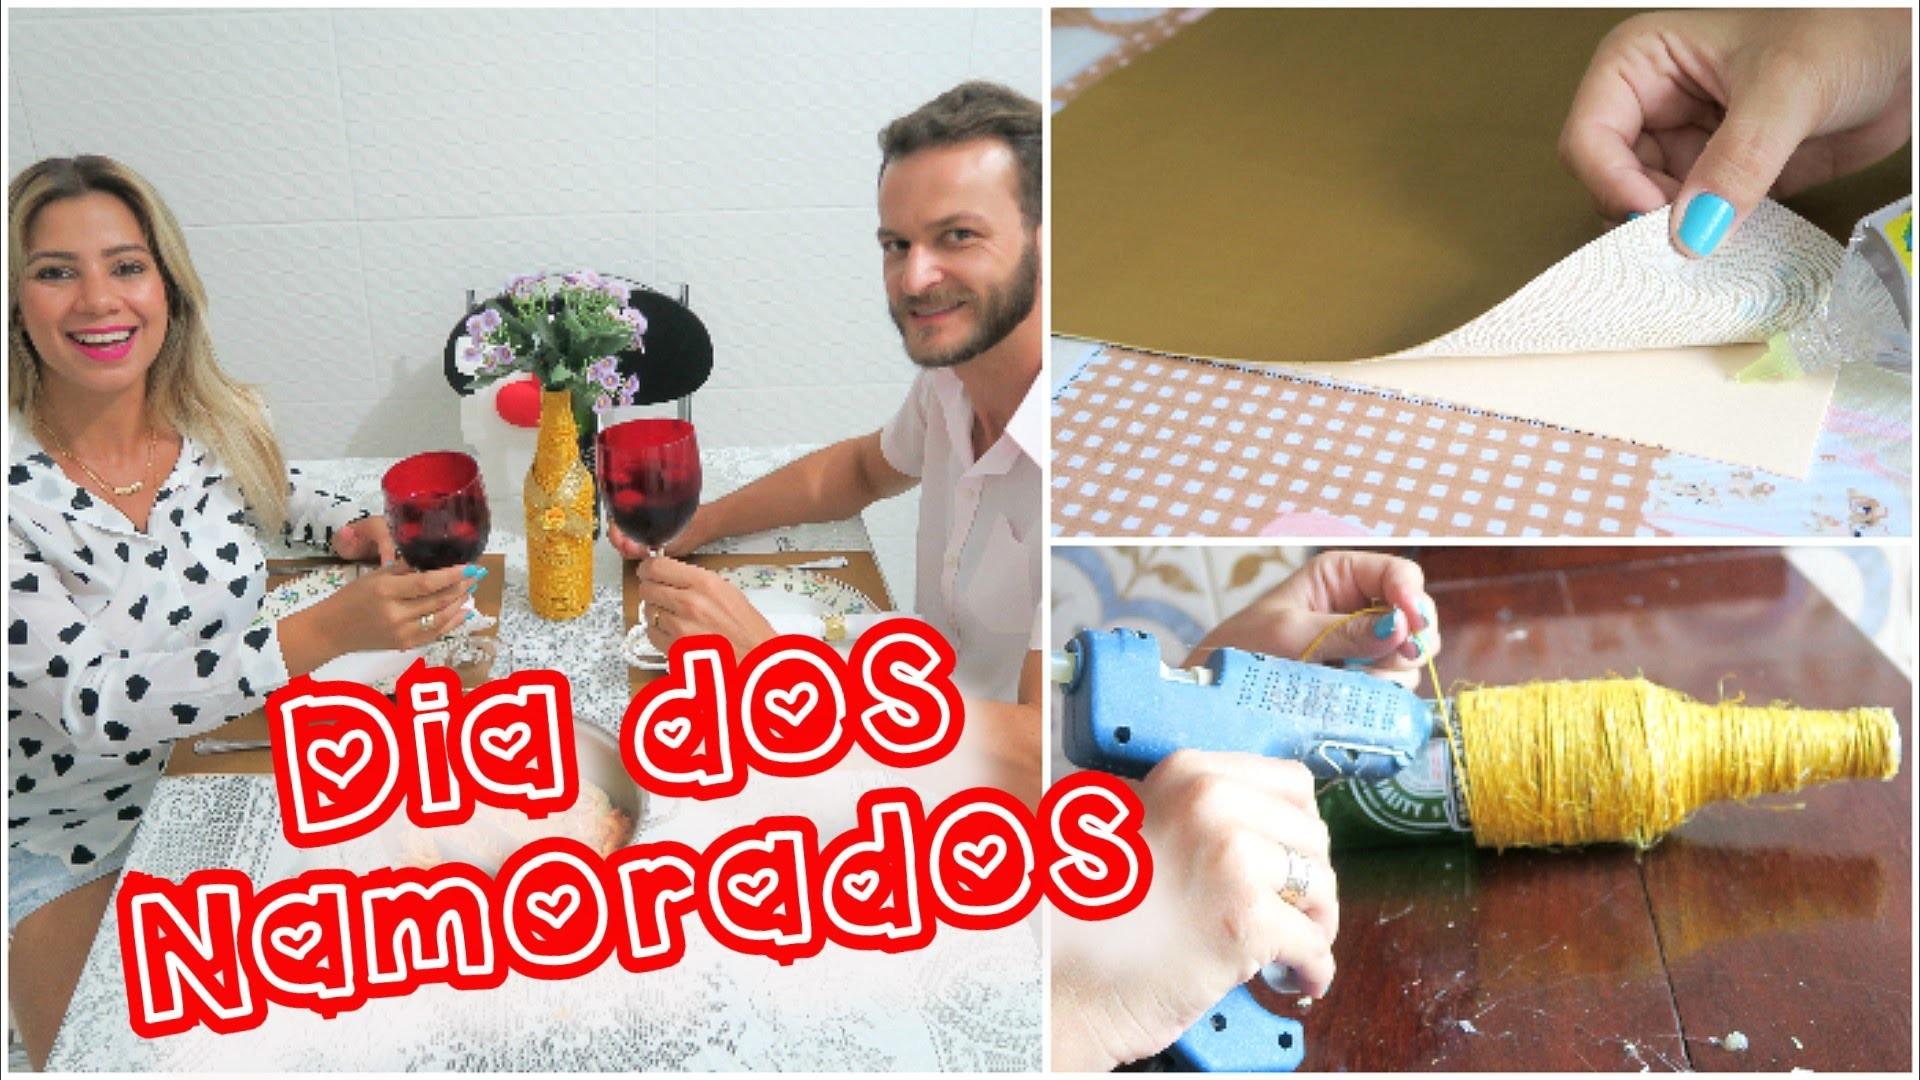 Dia dos Namorados: DIY + Decoração de Mesa + Jantar ❤